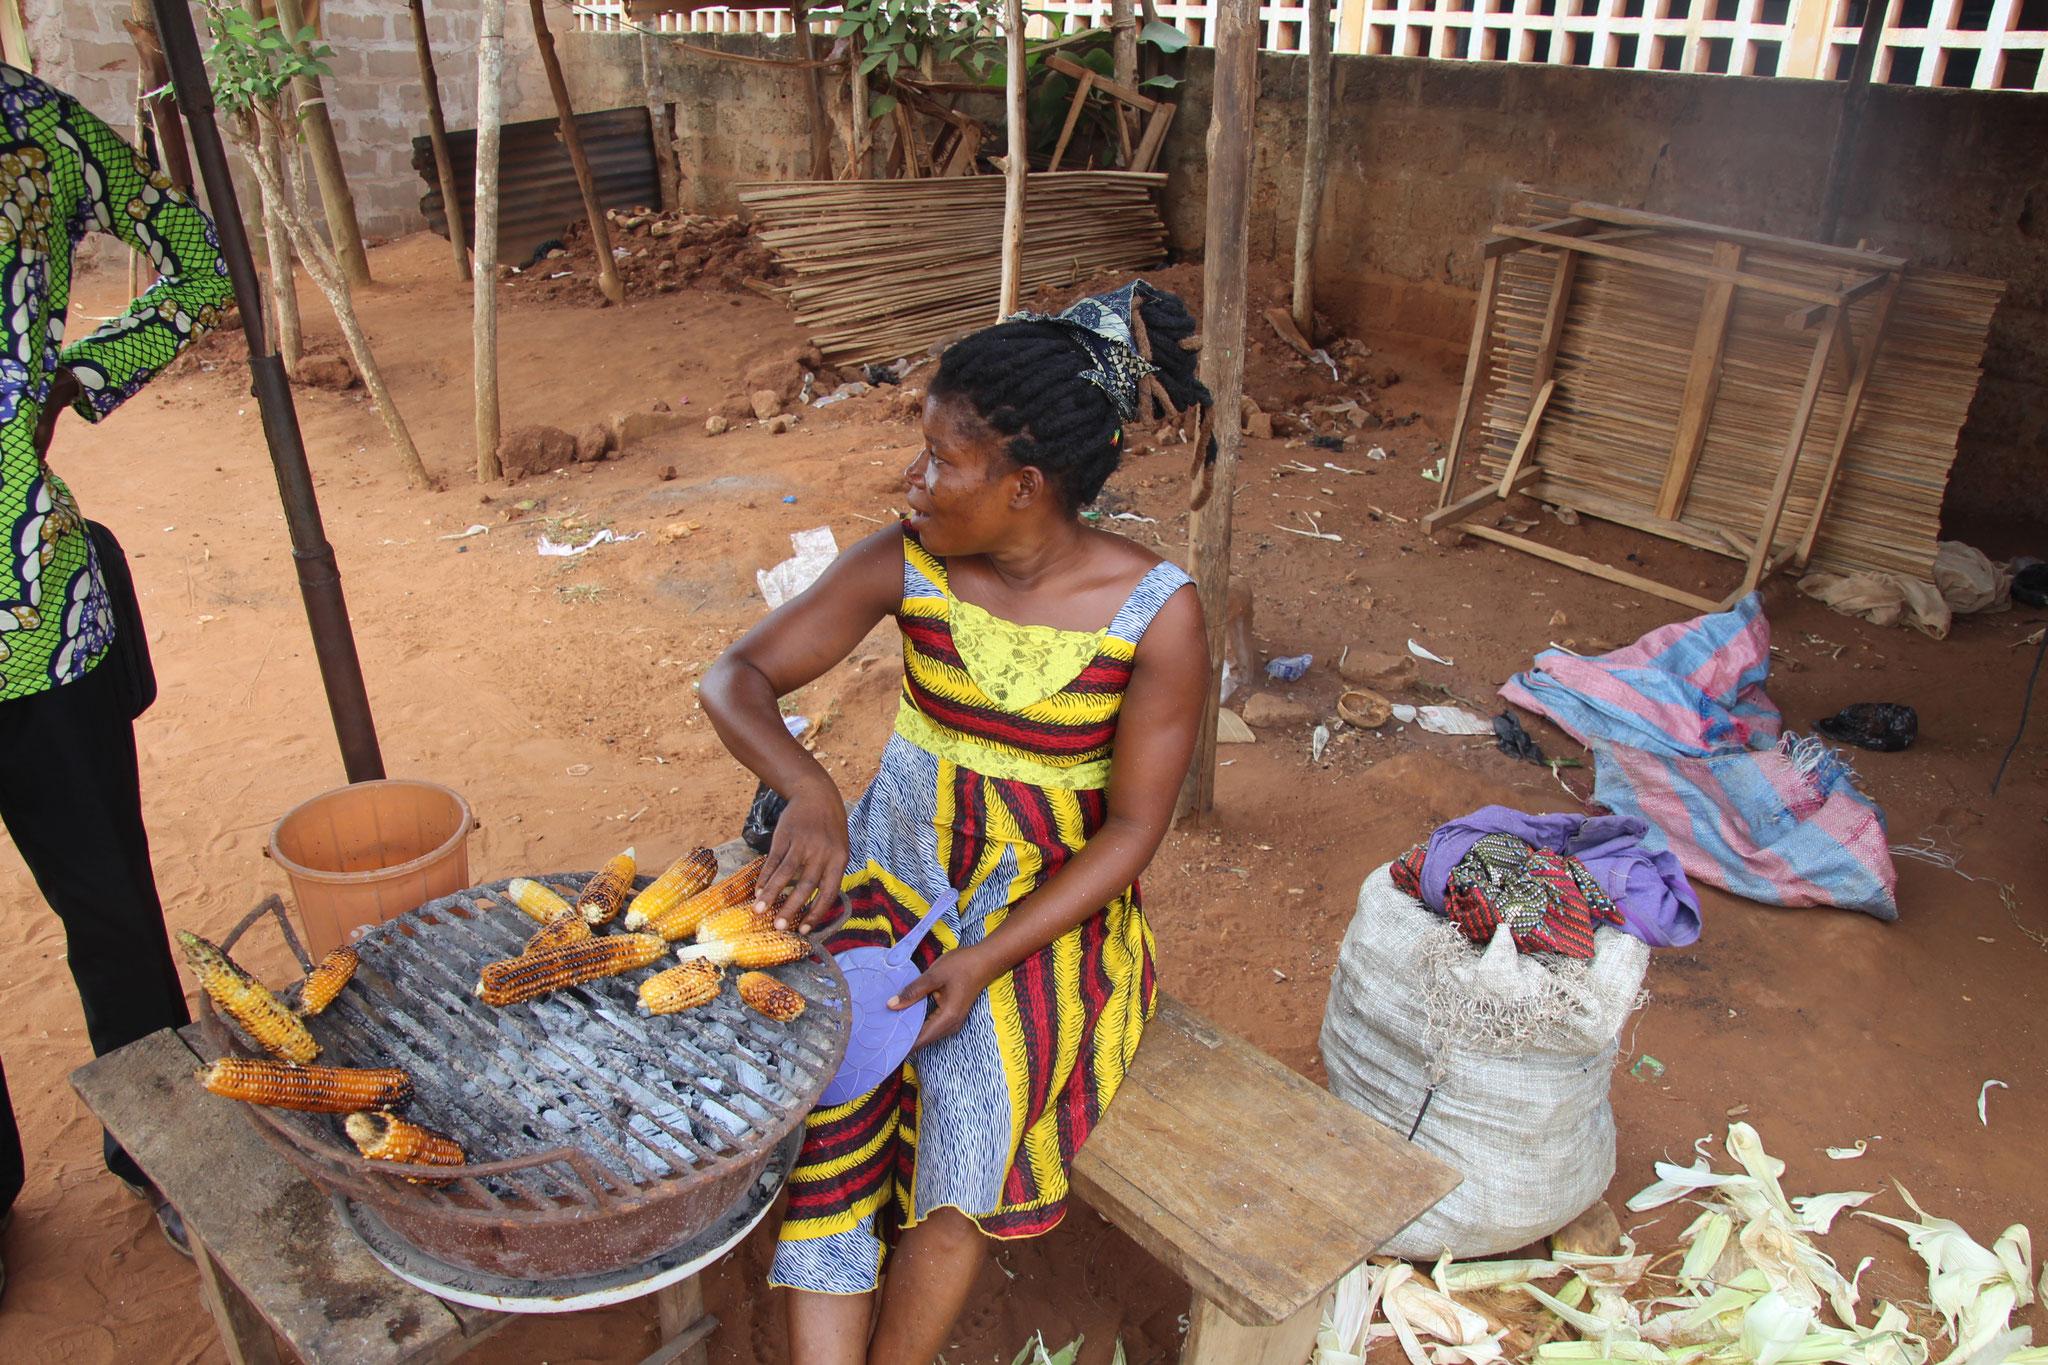 Maisverkäuferin in Afagnan.